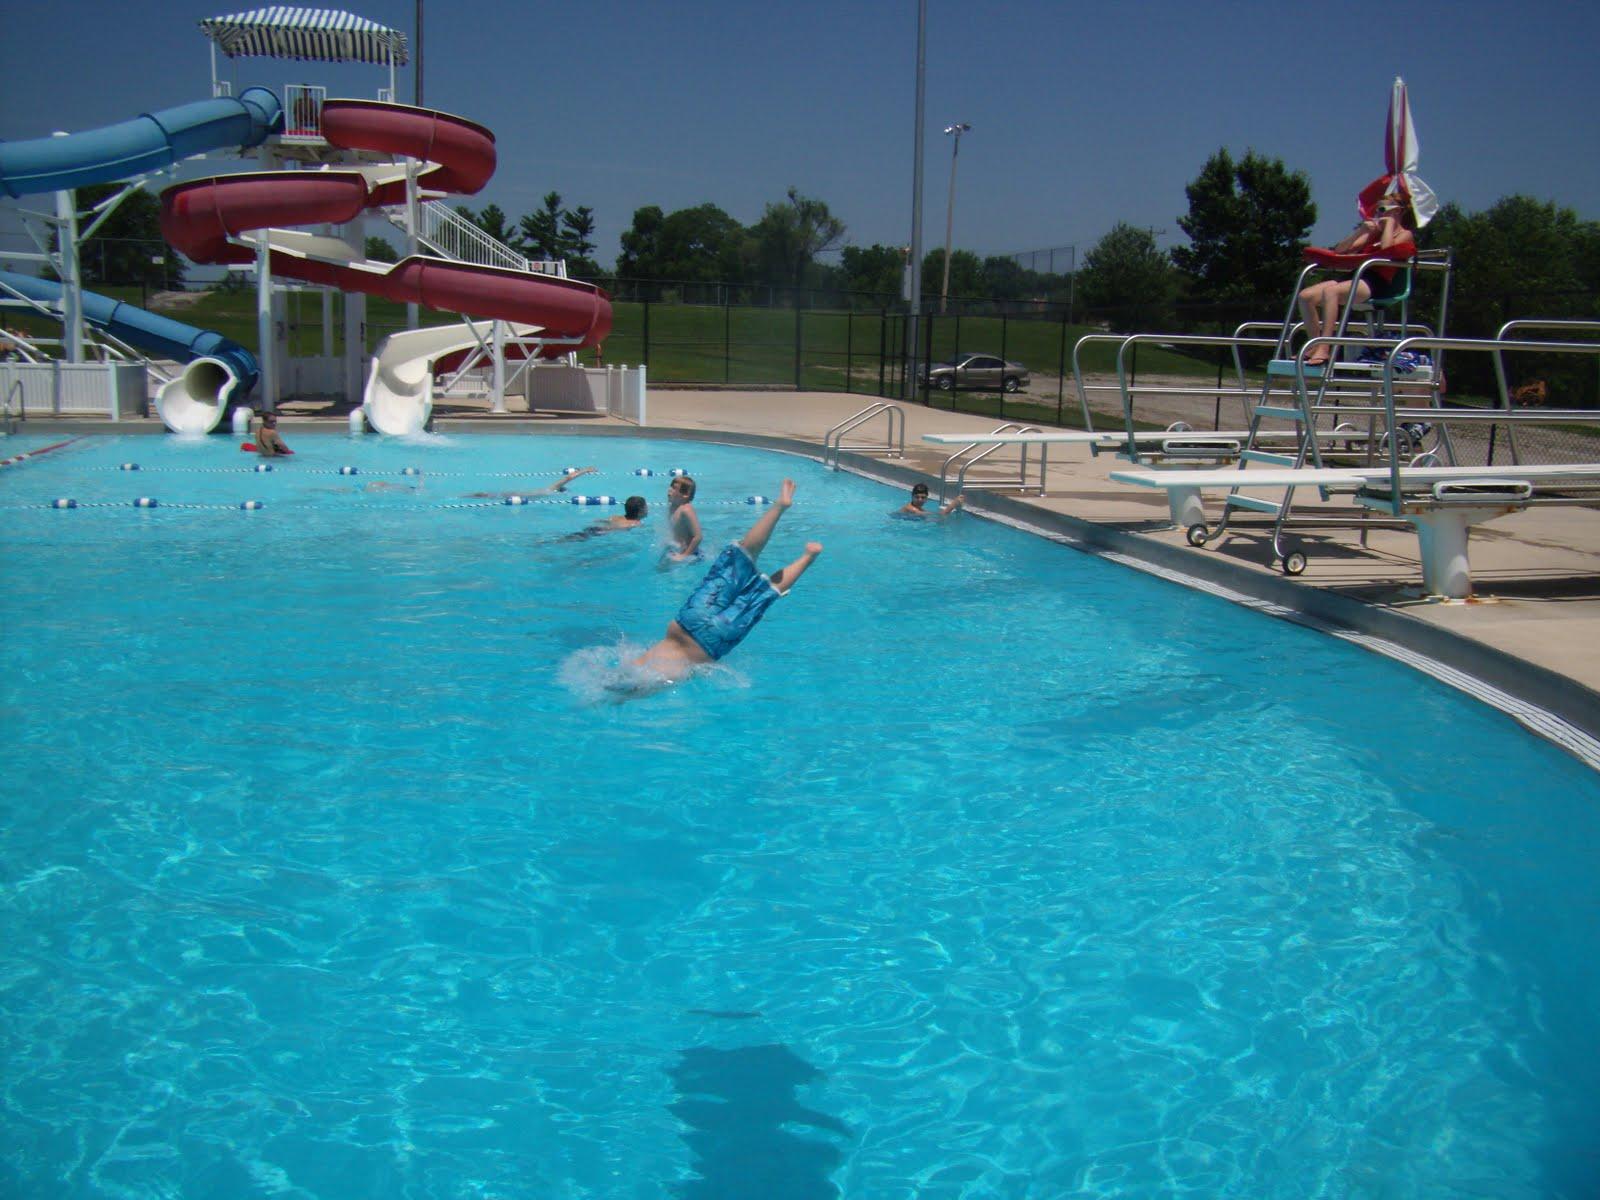 Williams Family Edmundson Park Swimming Pool In Oskaloosa